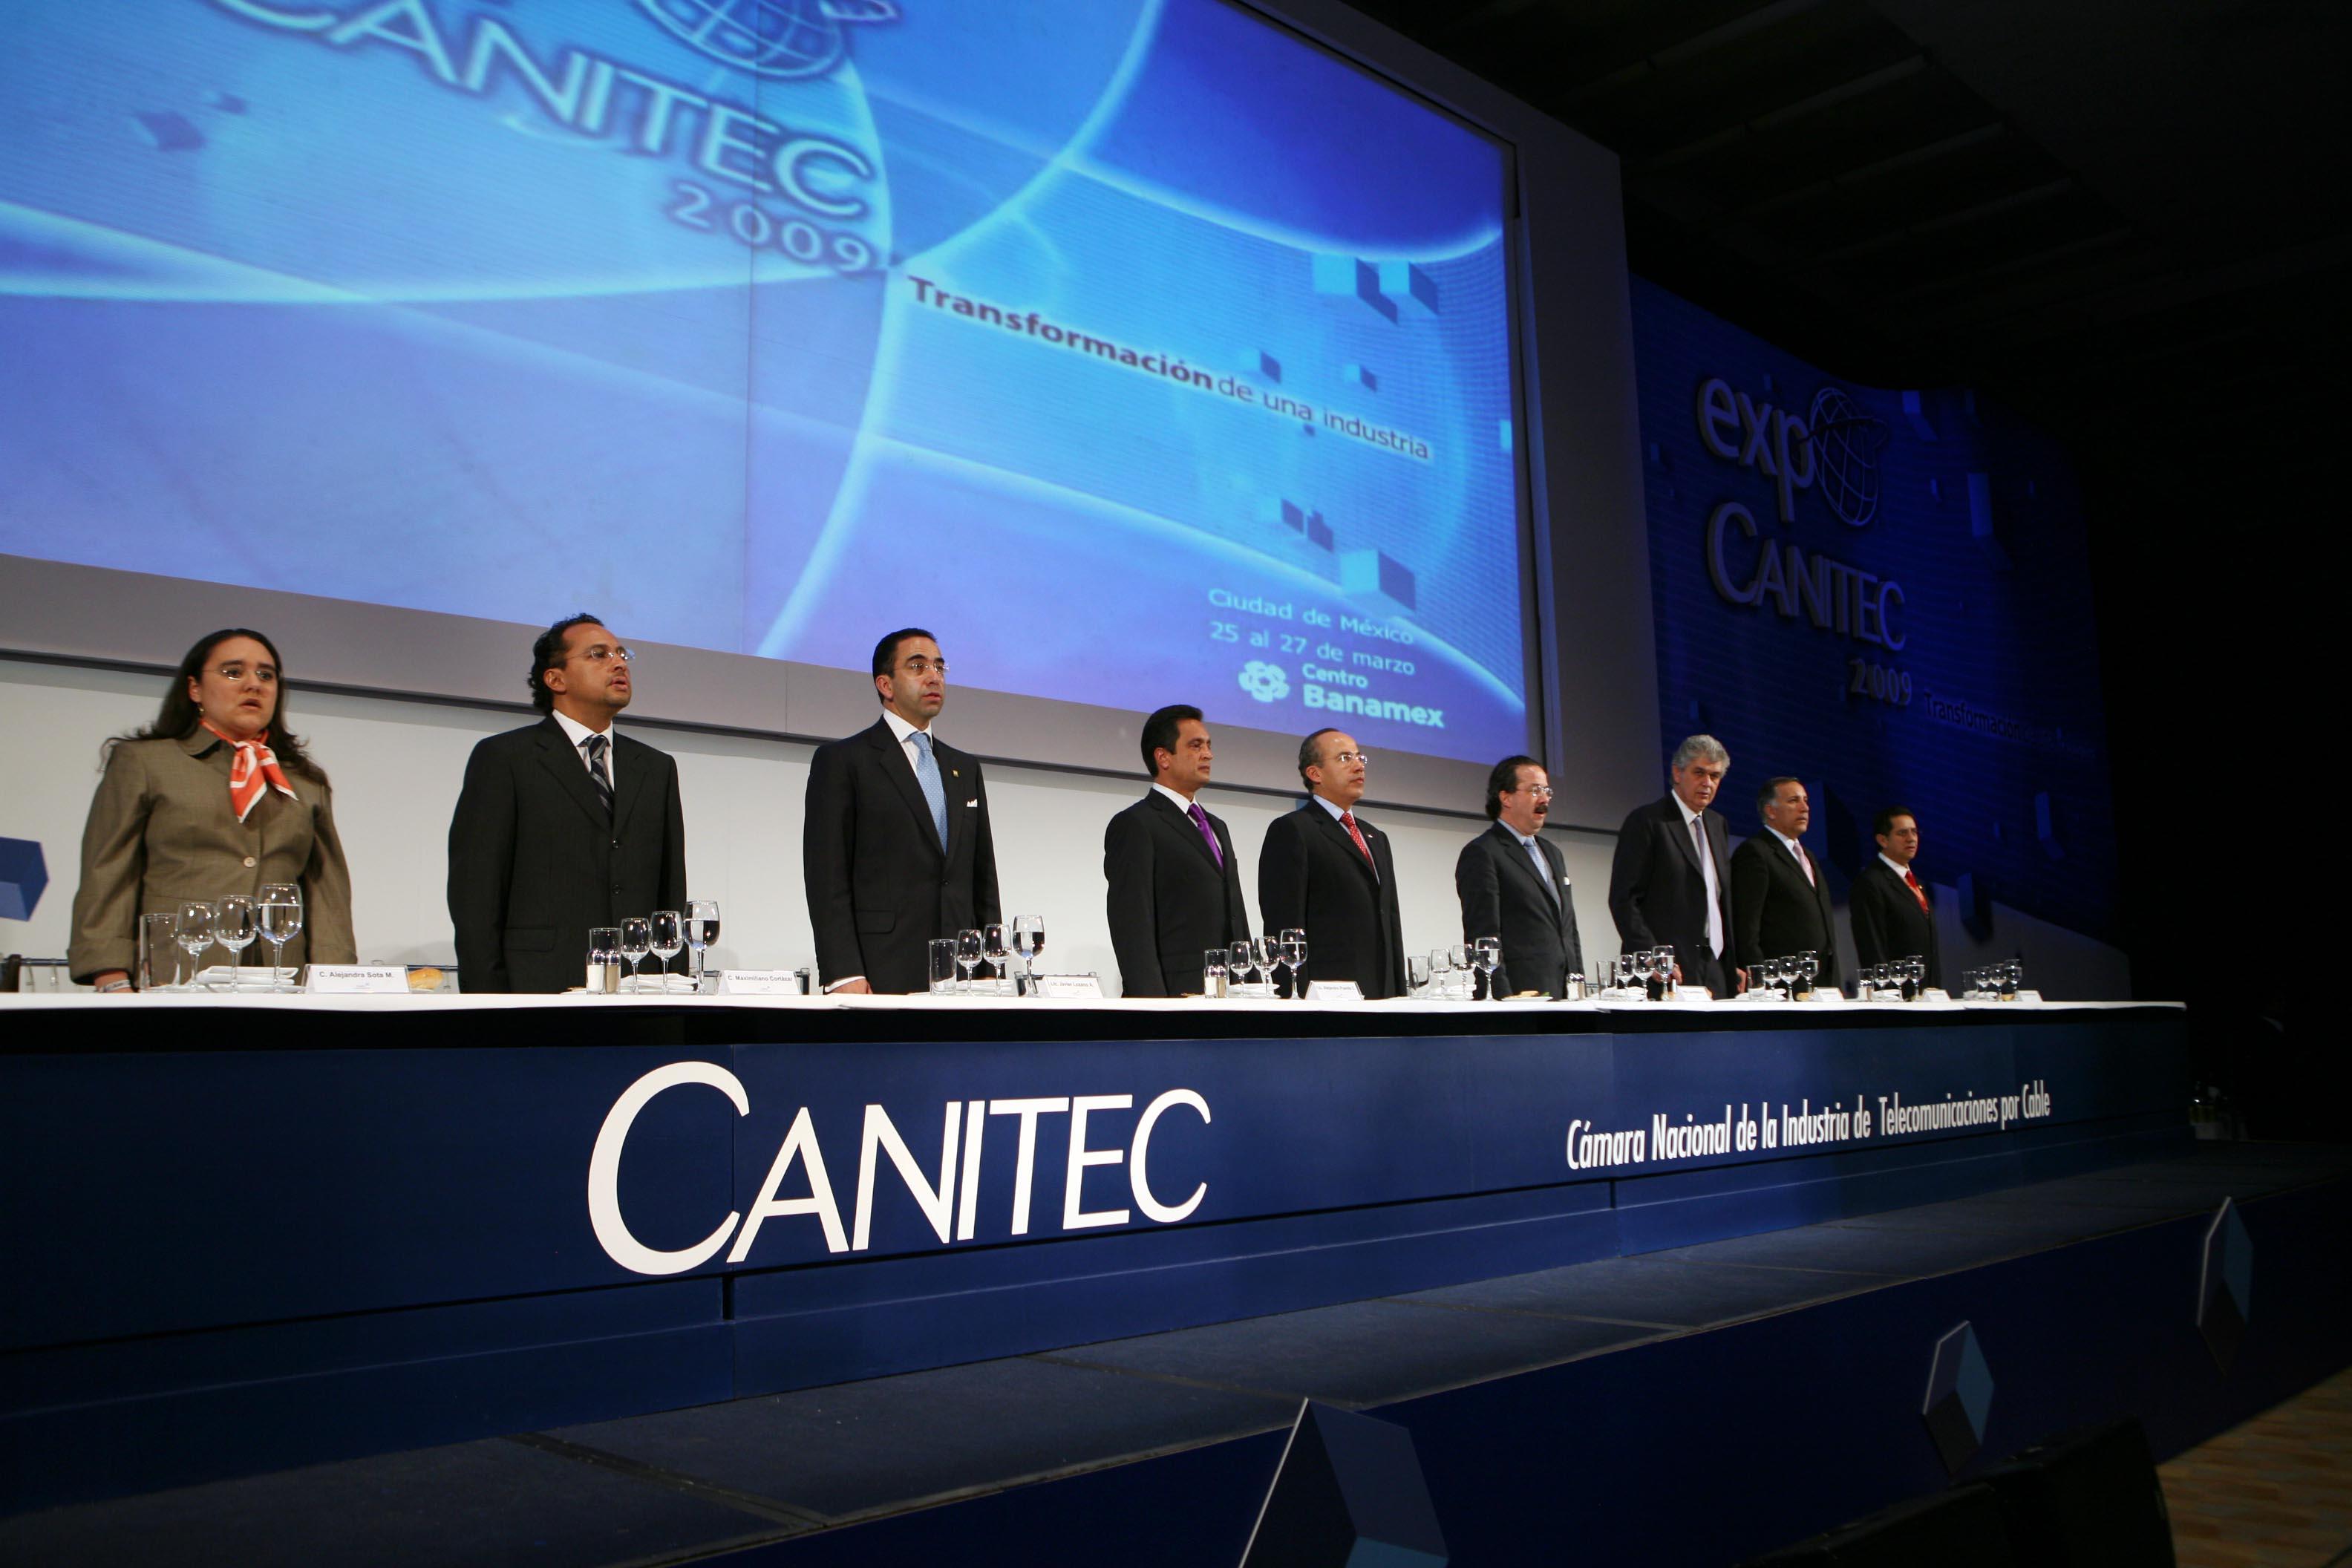 Inauguración de la Expo Convención Canitec. Foto: Ariel Gutiérrez (Sitio de la Presiencia de la República).